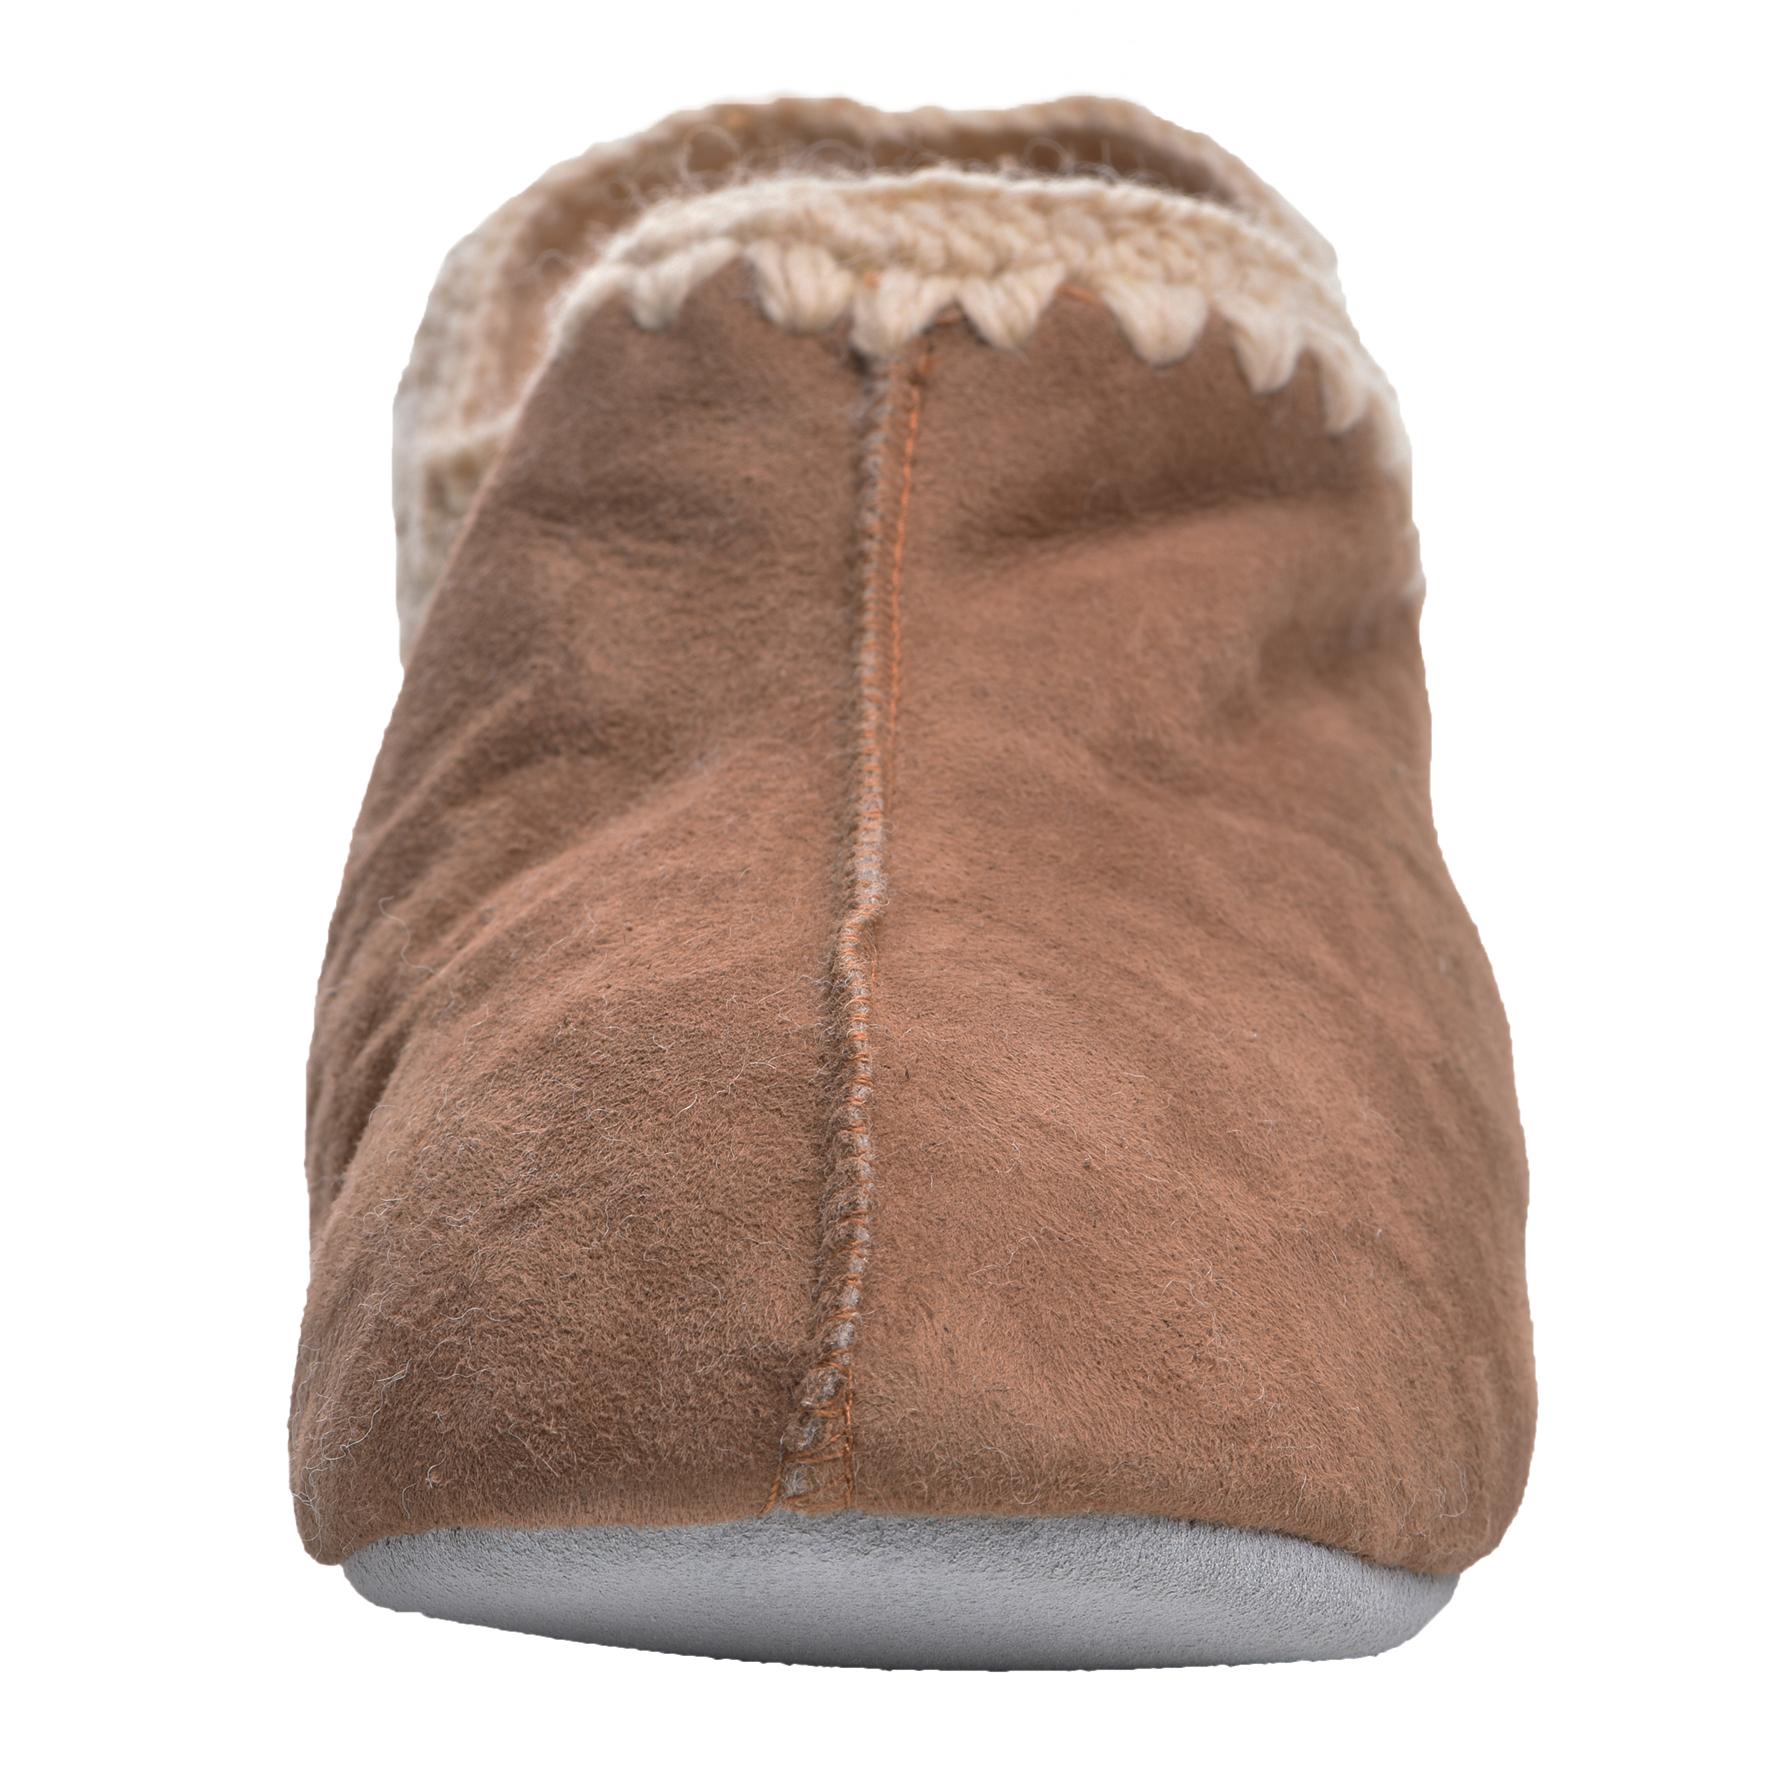 Donna Vera Morbida Pelle Di Pecora Reale Bootie Pantofole con Suola in Pelle Scamosciata Marrone Chiaro UK5 UK6 UK7 UK8